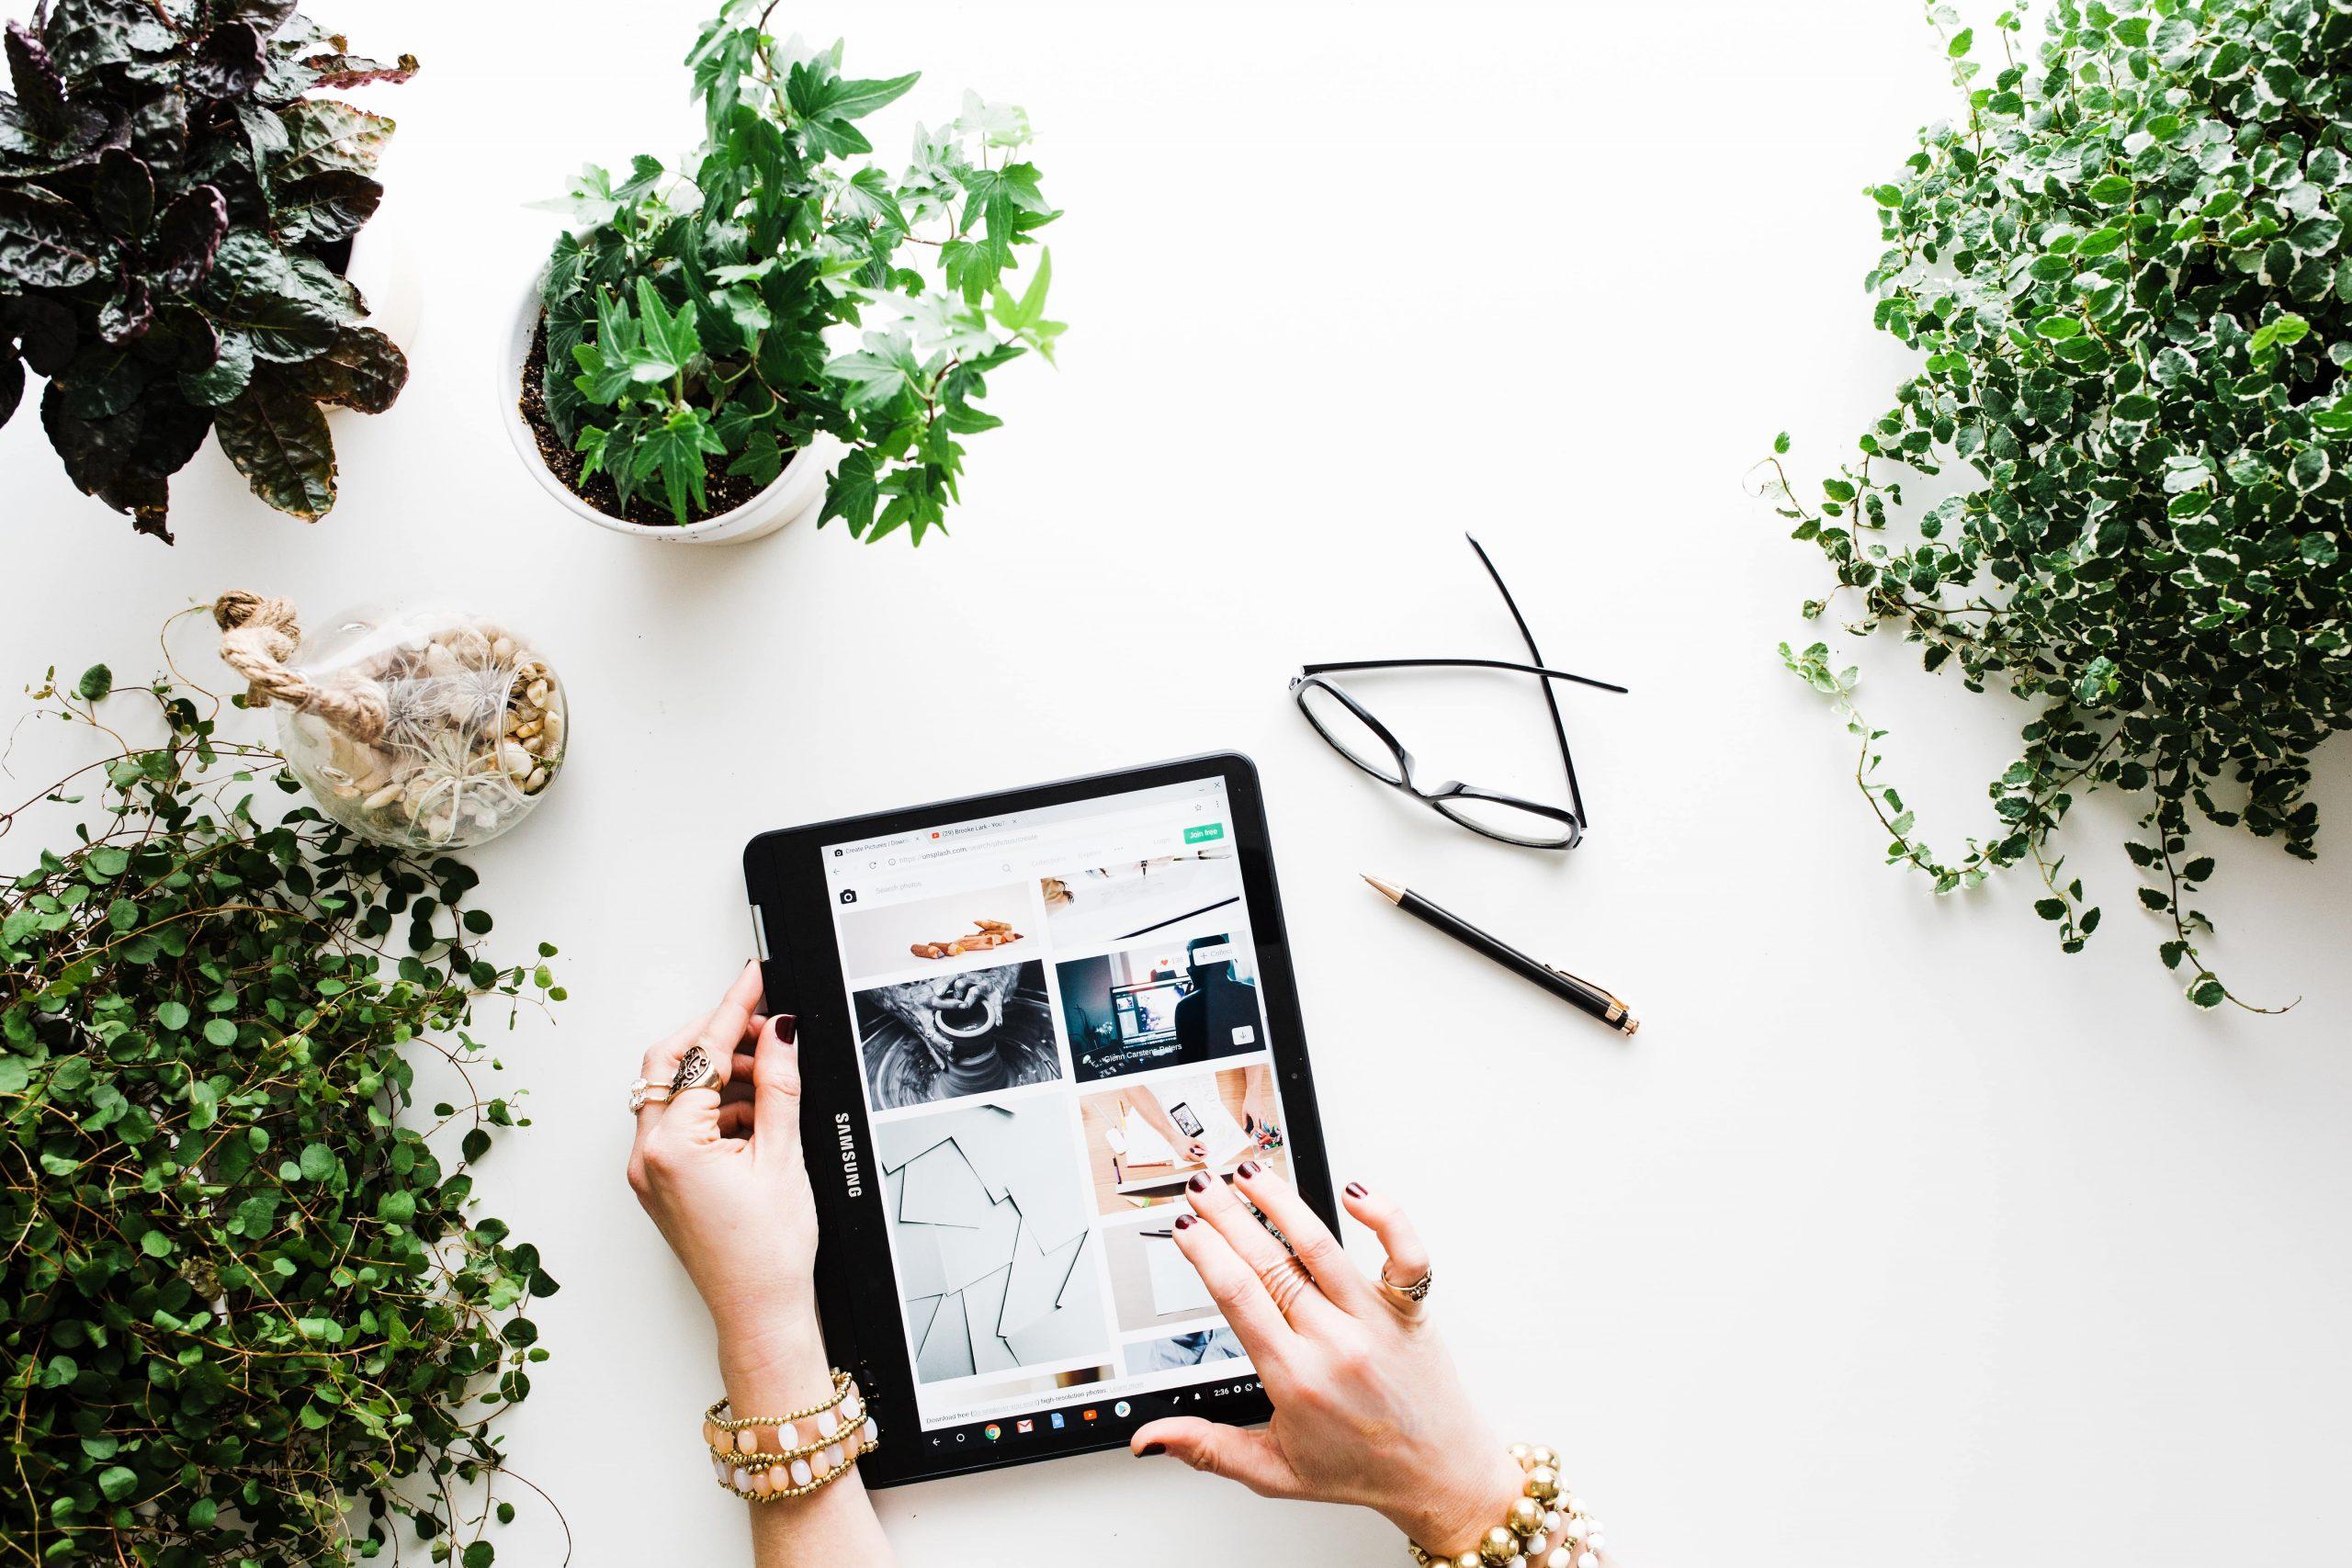 سامانه پشتیبانی آنلاین به شما کمک میکند تا چارچوب کلی سایت و عملکرد کاری خود را بهتر کنید